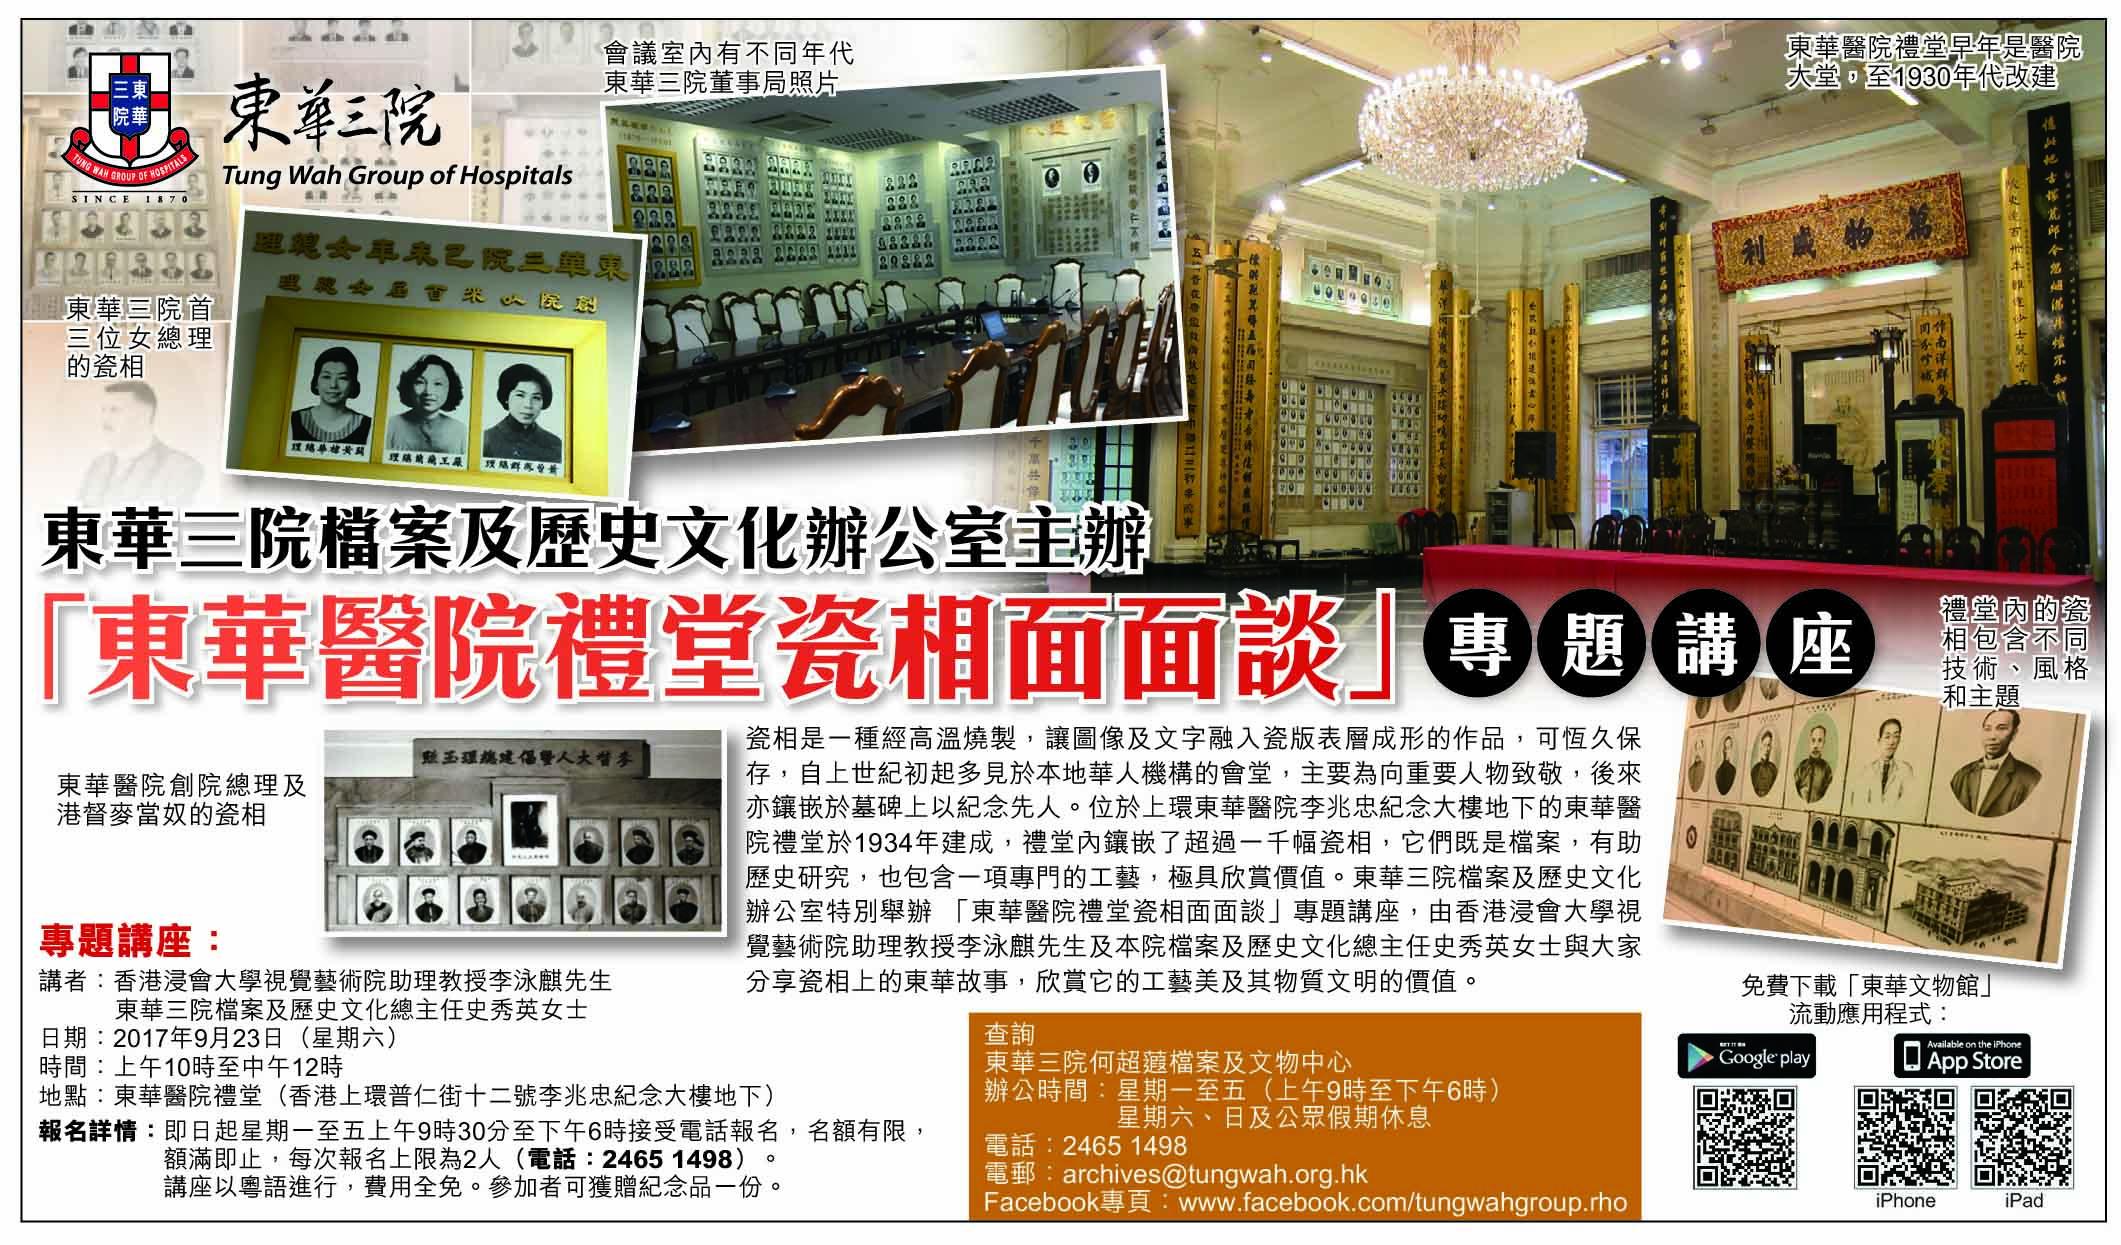 「慈善与医疗:东华档案与香港早期医疗发展」讲座及巡回展览_AM730广告稿 (2019.8.27)